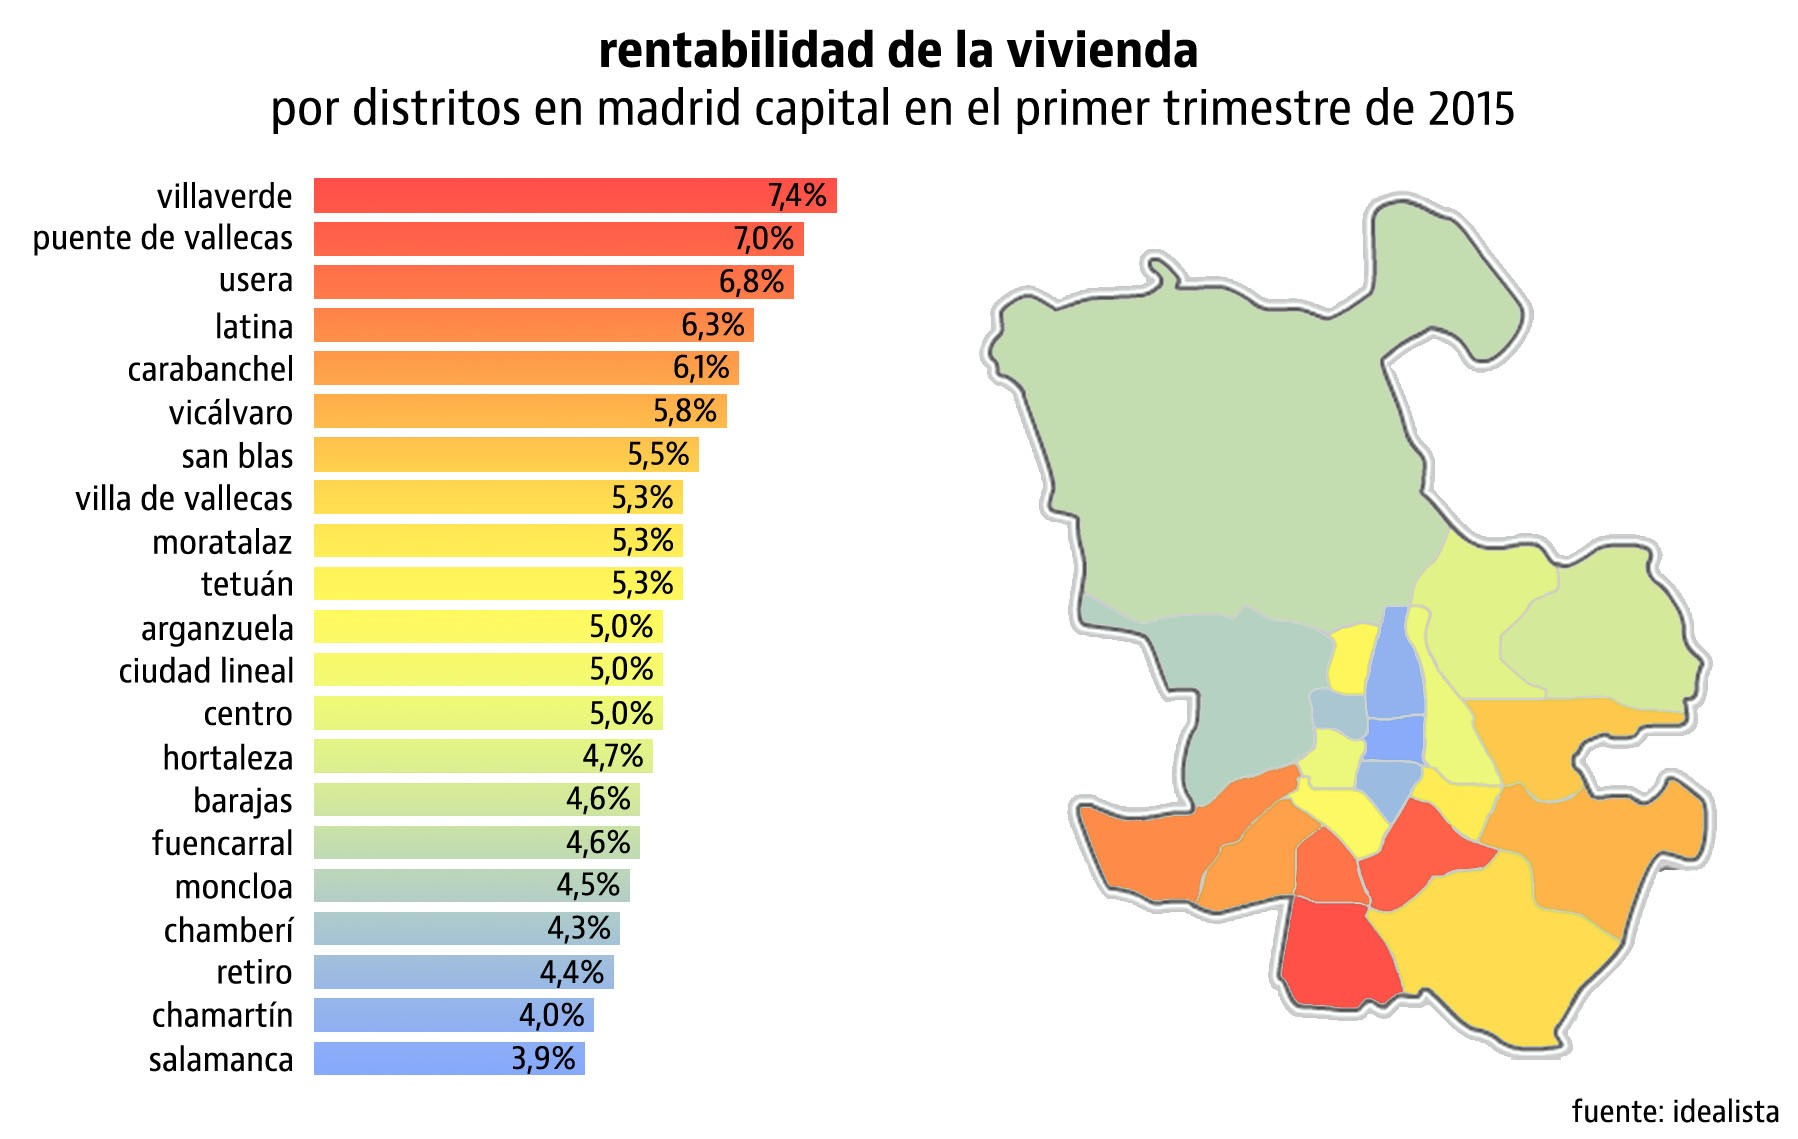 Los distritos m s rentables de madrid para alquilar libre mercado - Alquiler de pisos baratos en madrid por particulares ...